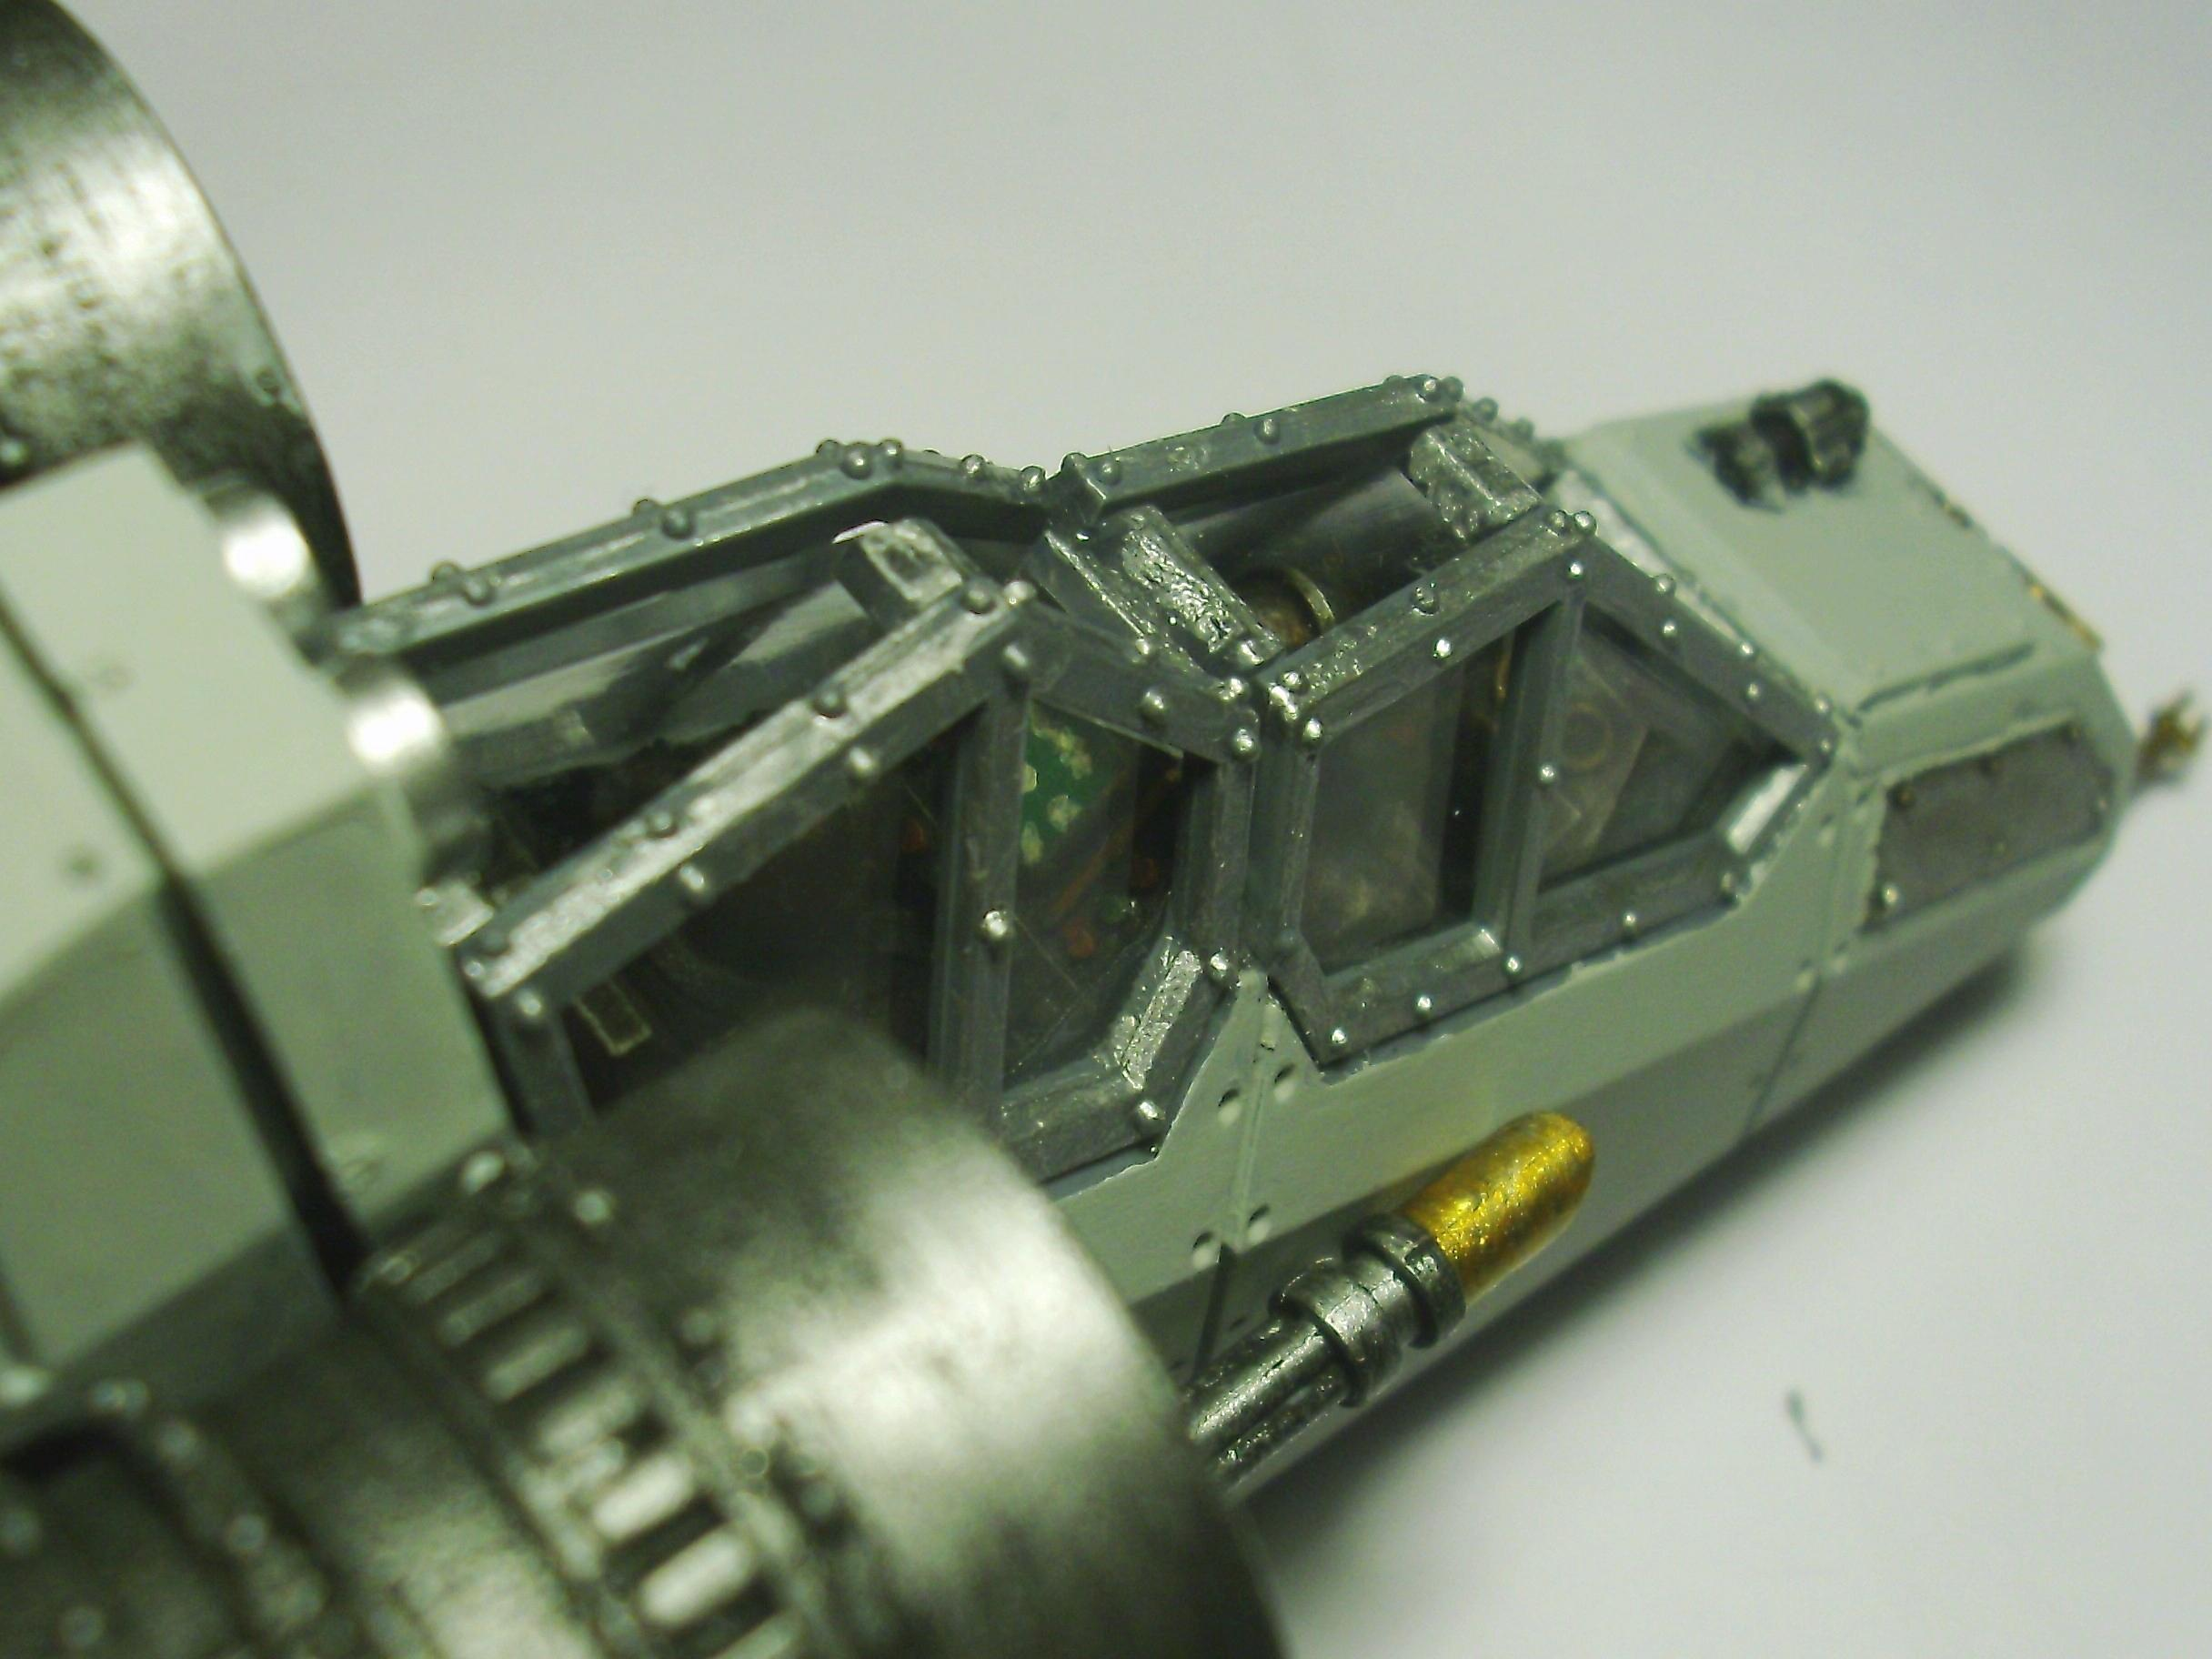 Cockpit: View 1